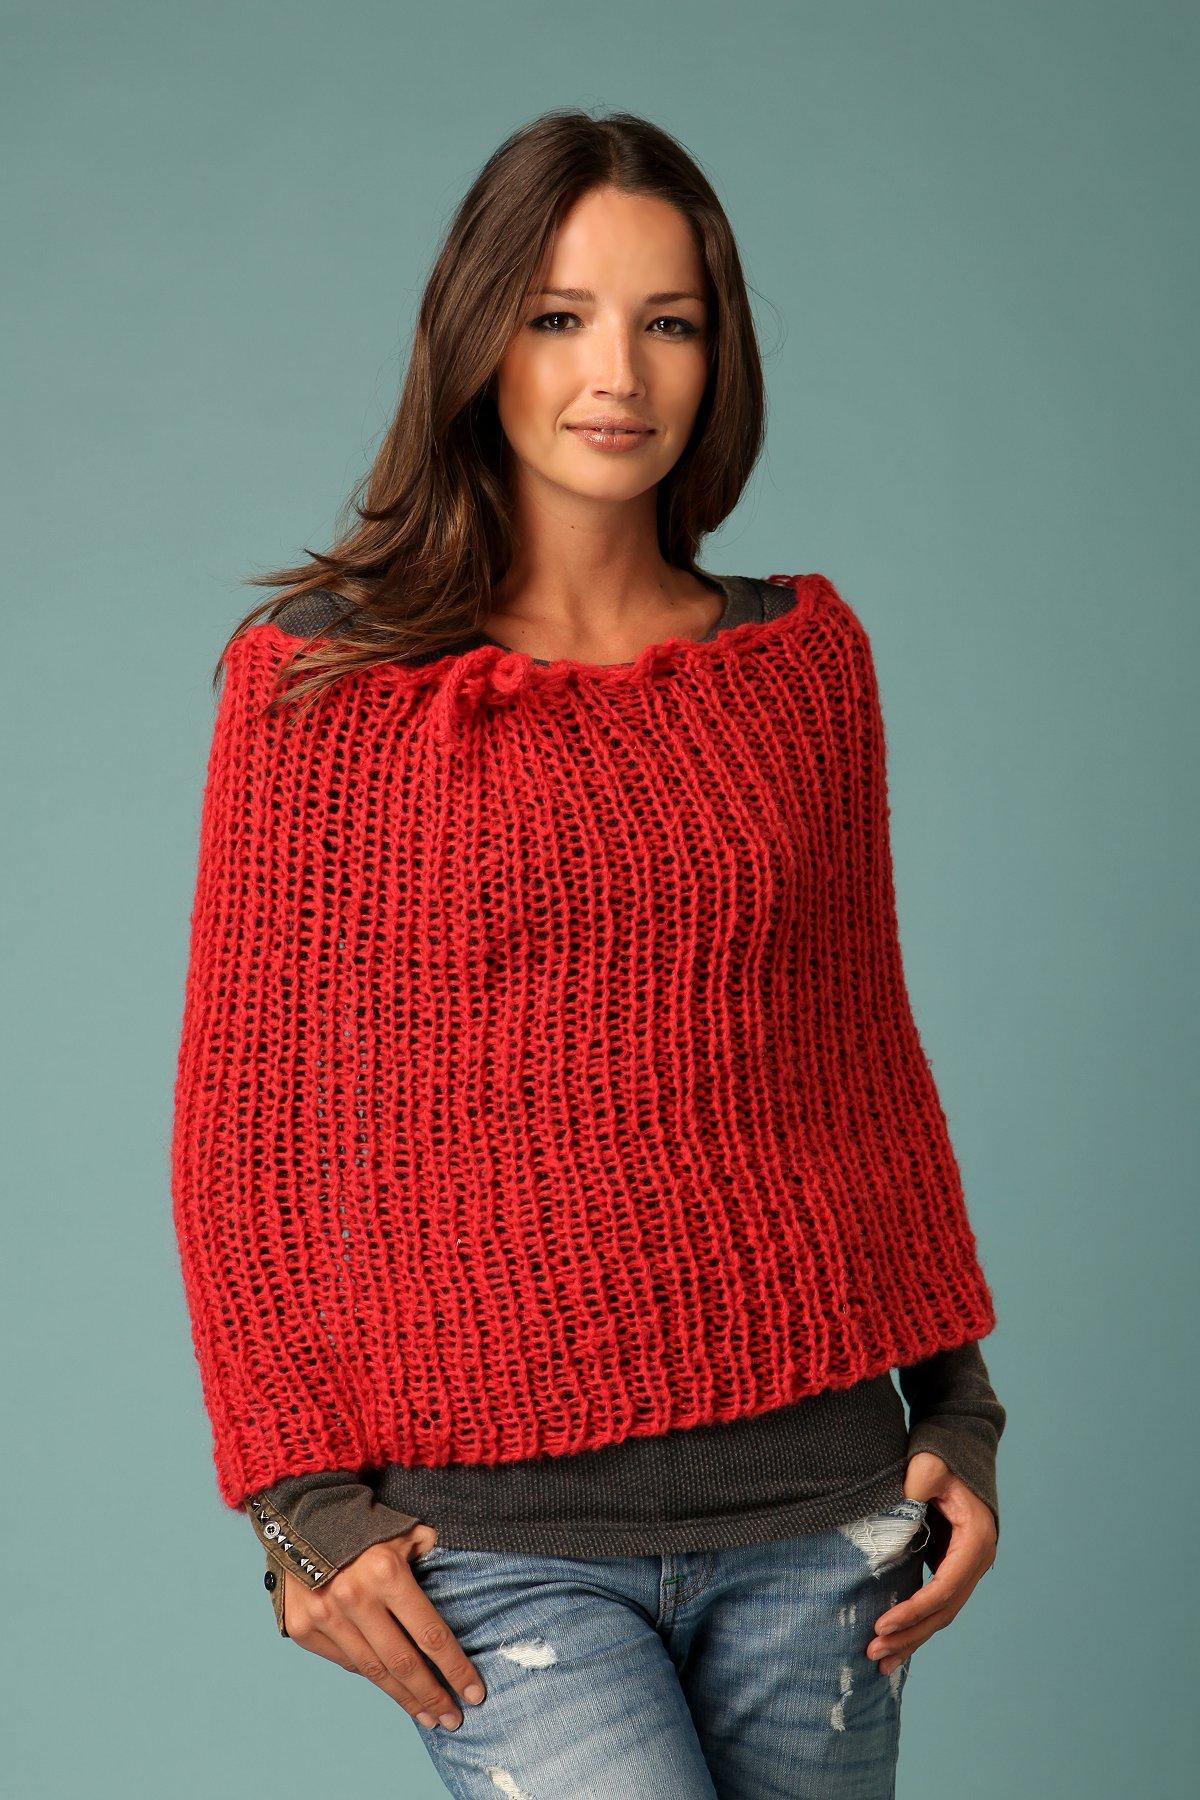 Vintage Crochet Shoulder Warmer